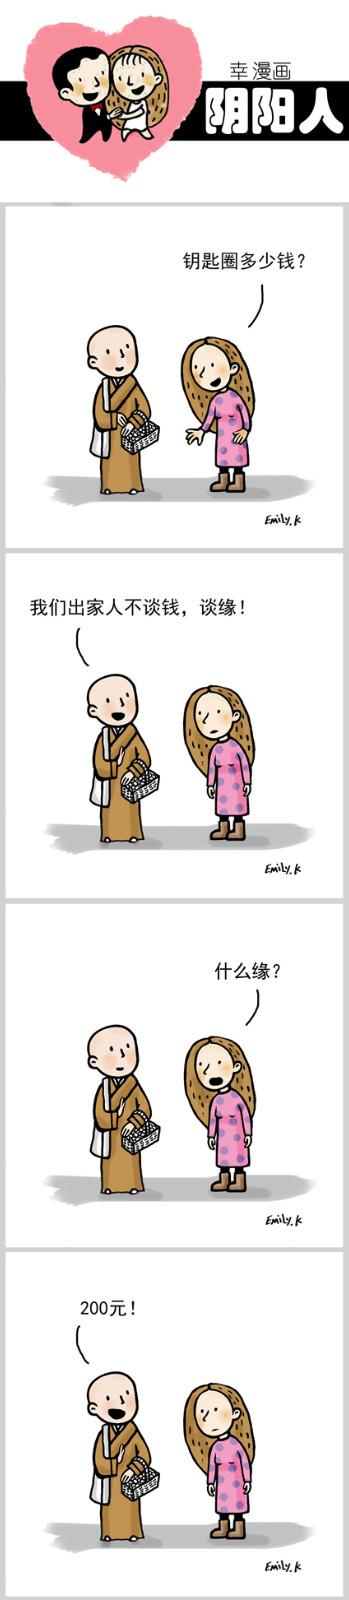 【邝幸漫畫】《阴阳人》缘元_图1-1